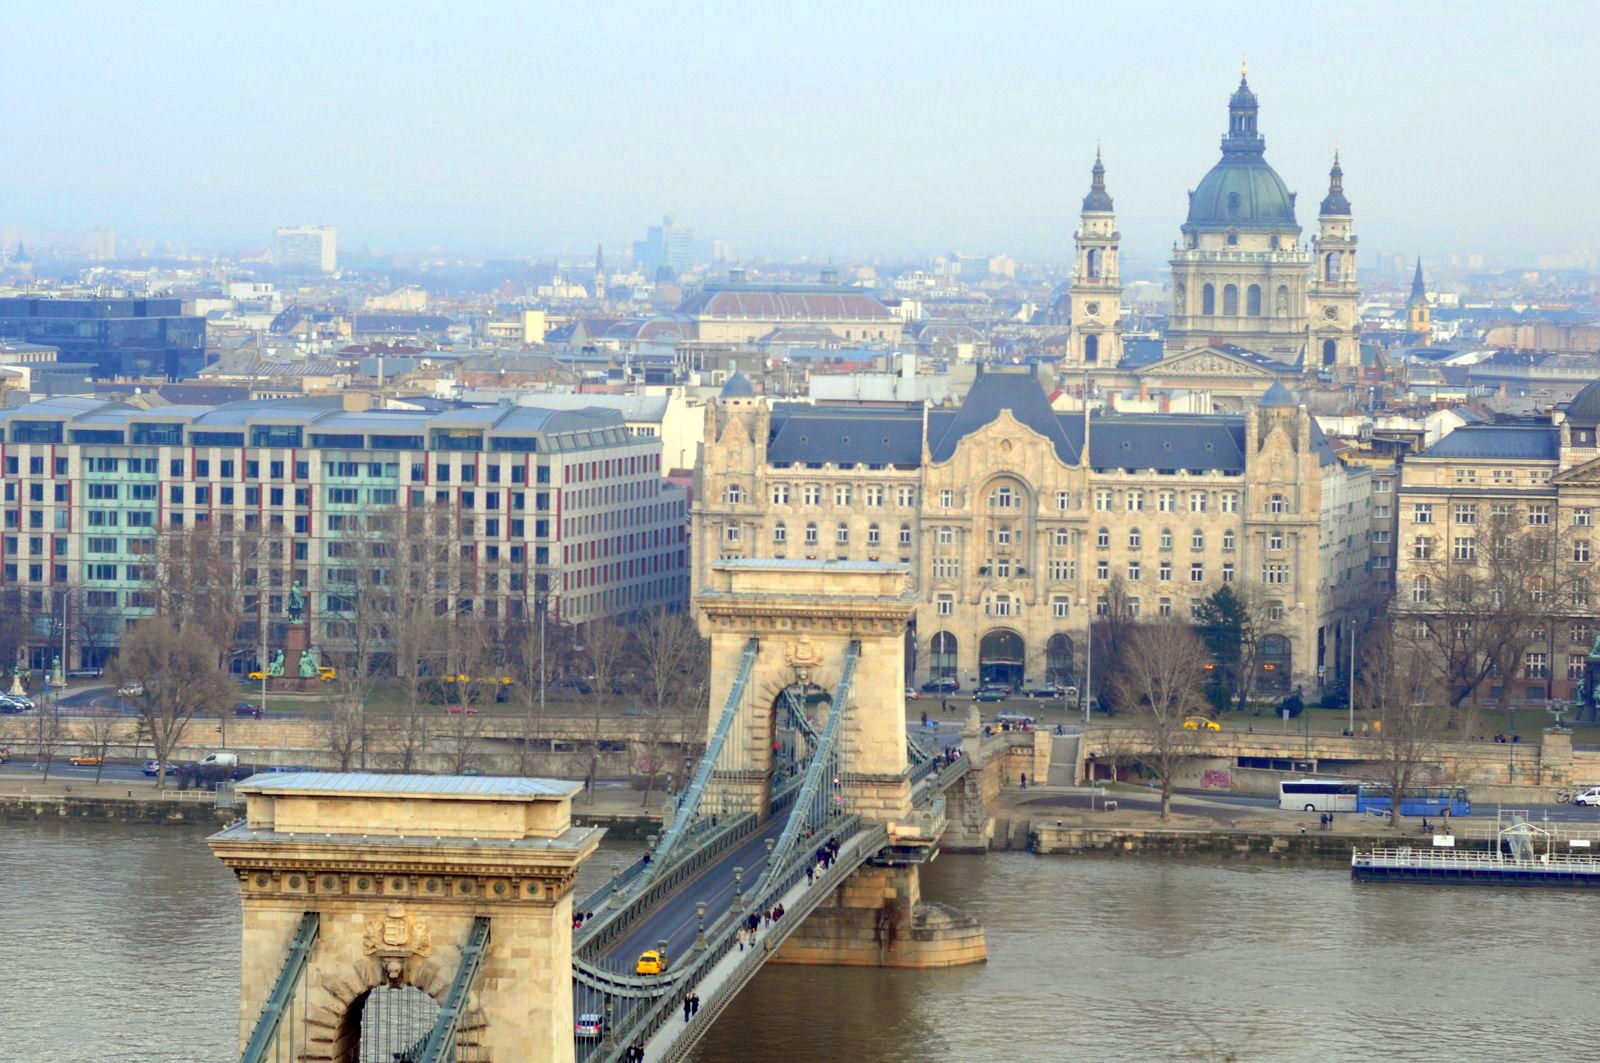 Qué ver en Budapest en un fin de semana: Puente de las cadenas en Budapest desde la colina del Castillo en Buda budapest en un fin de semana - 21235460549 4d903a9cb7 o - Qué ver en Budapest en un fin de semana